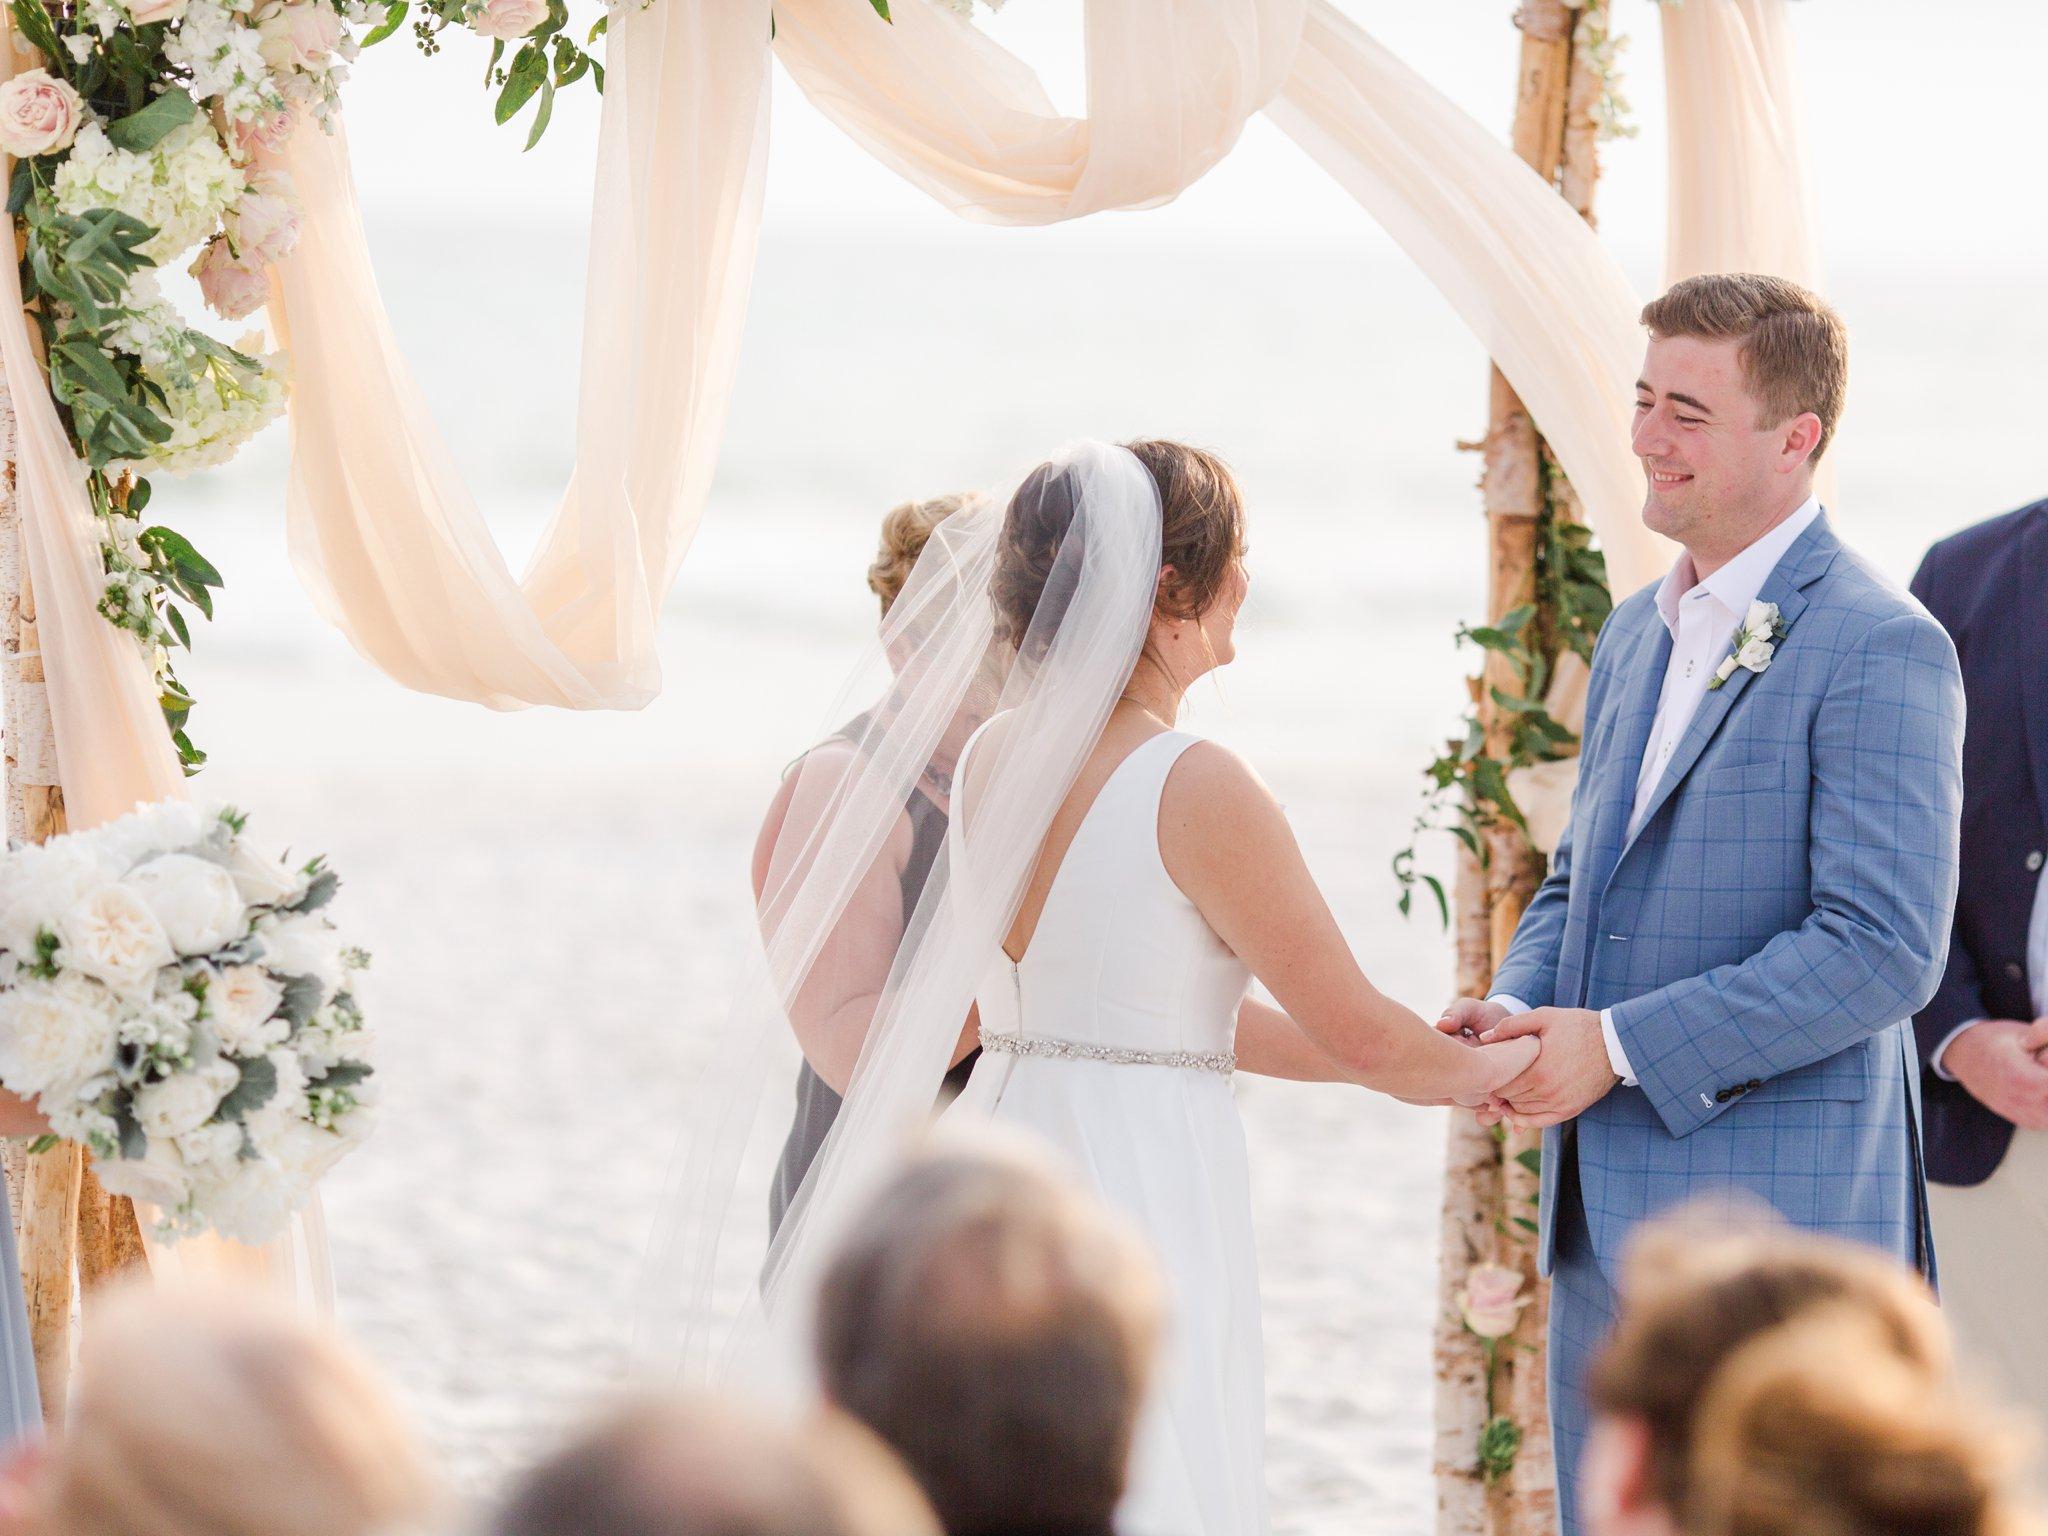 carillon beach wedding photographer shannon griffin photographer_0009.jpg